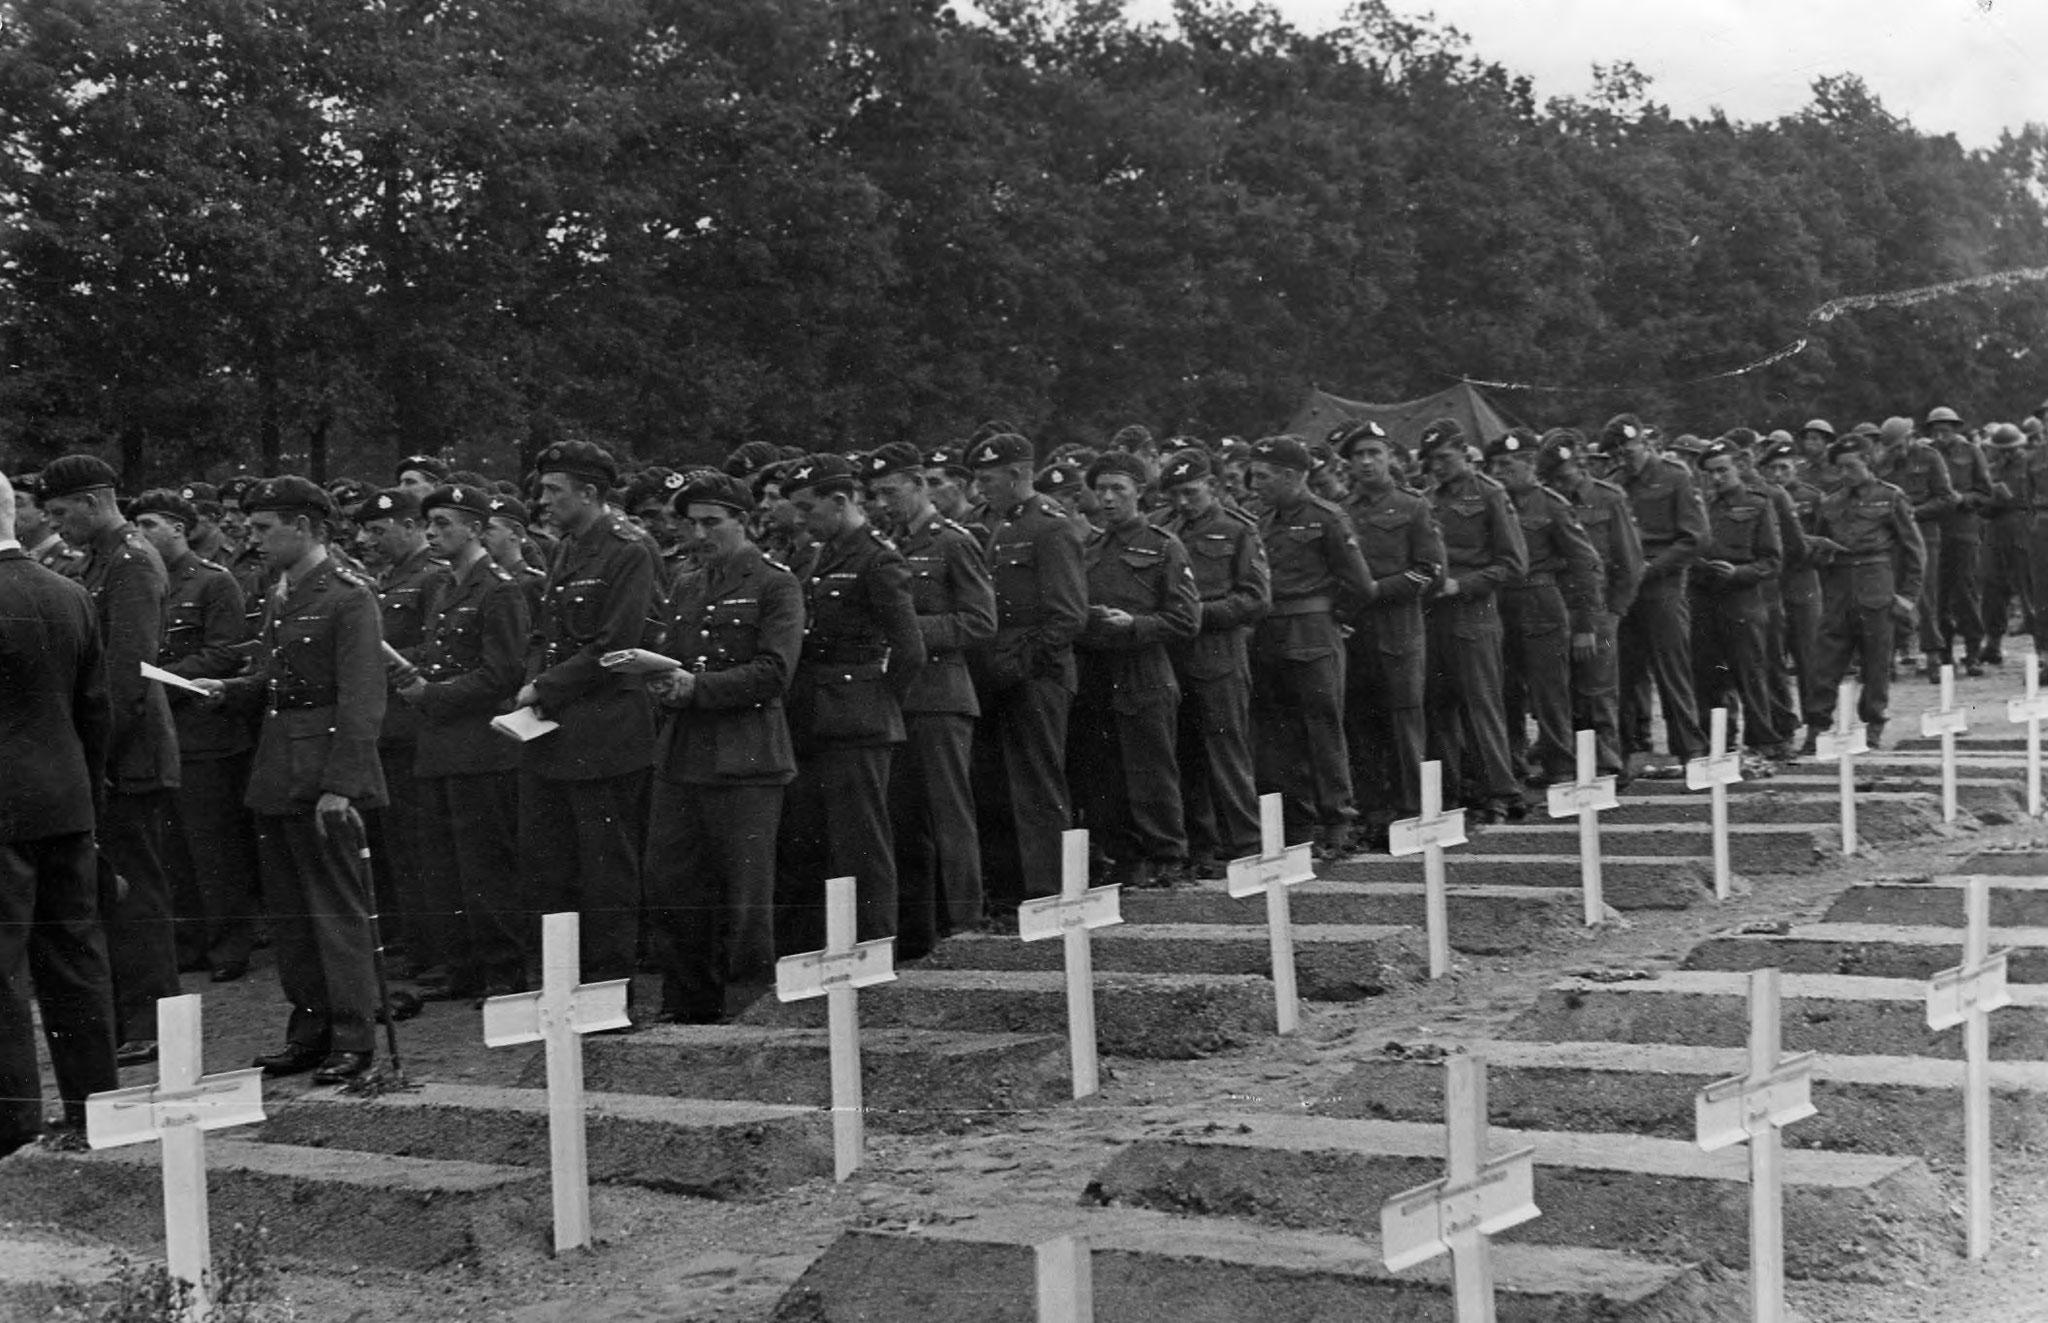 Gelders Archief:    1560 - Fotocollectie Tweede Wereldoorlog